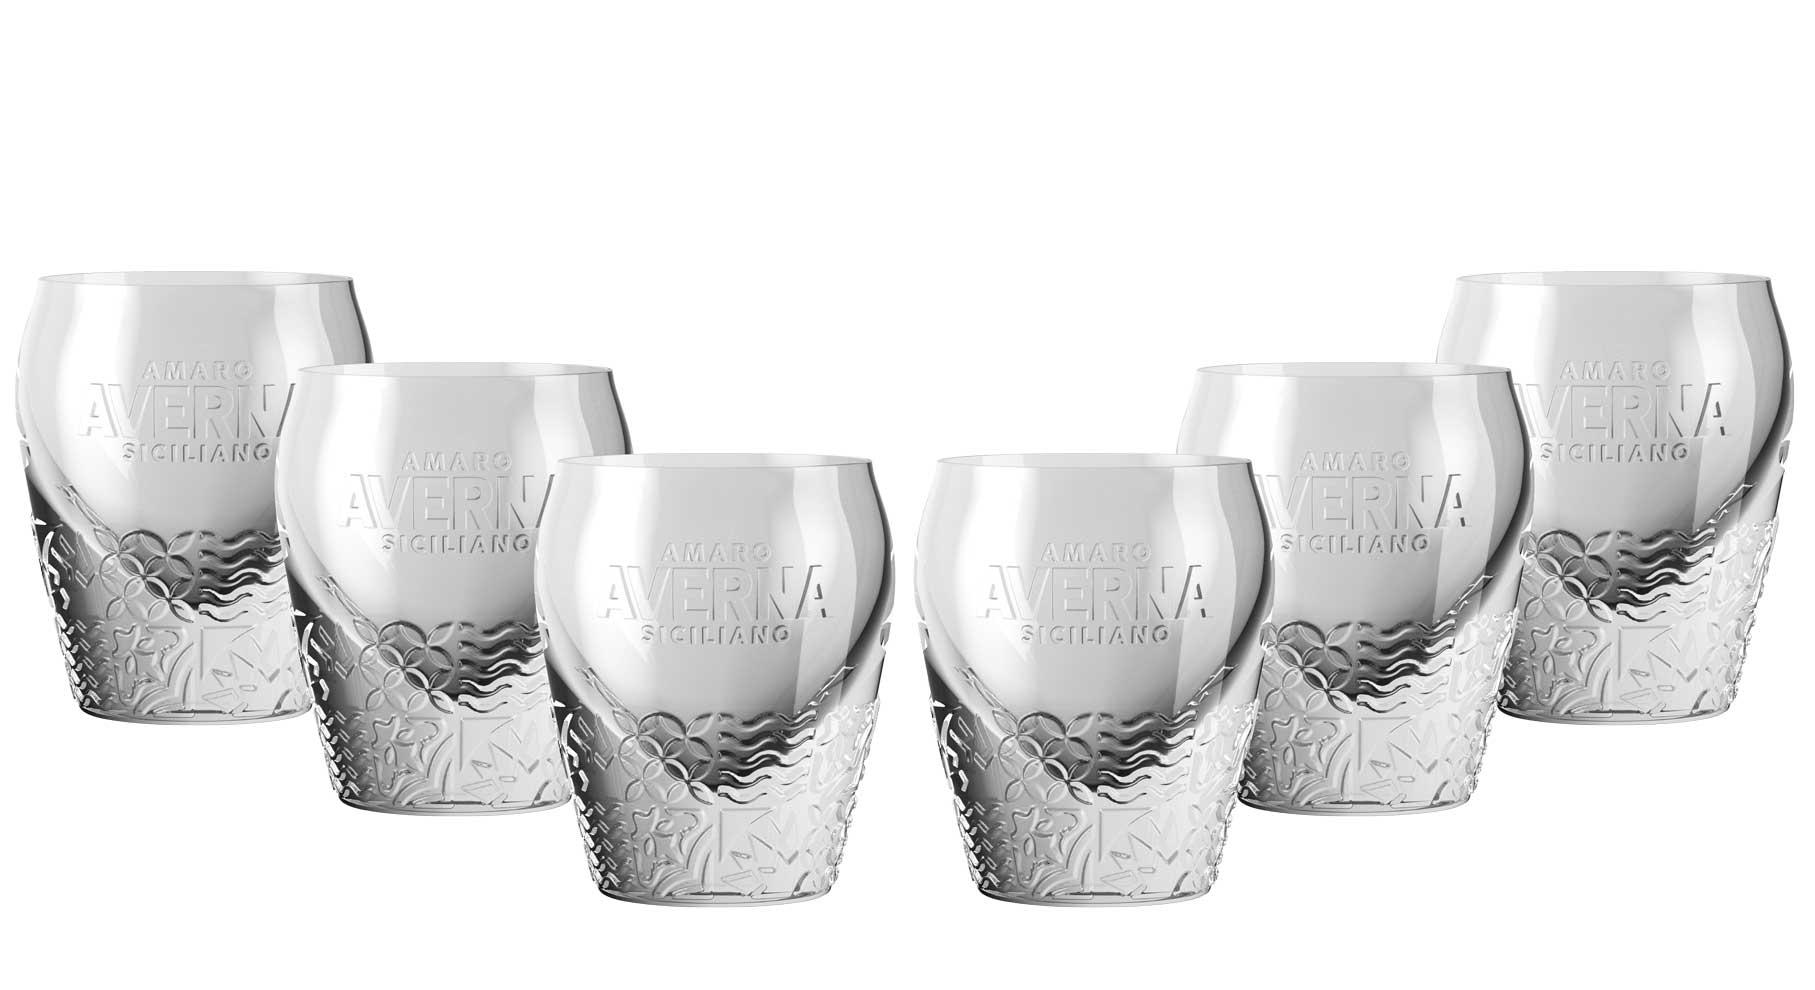 Averna Shotglas - 6er Set Glas neues Design / Tumbler mit Muster und 2cm Eichung